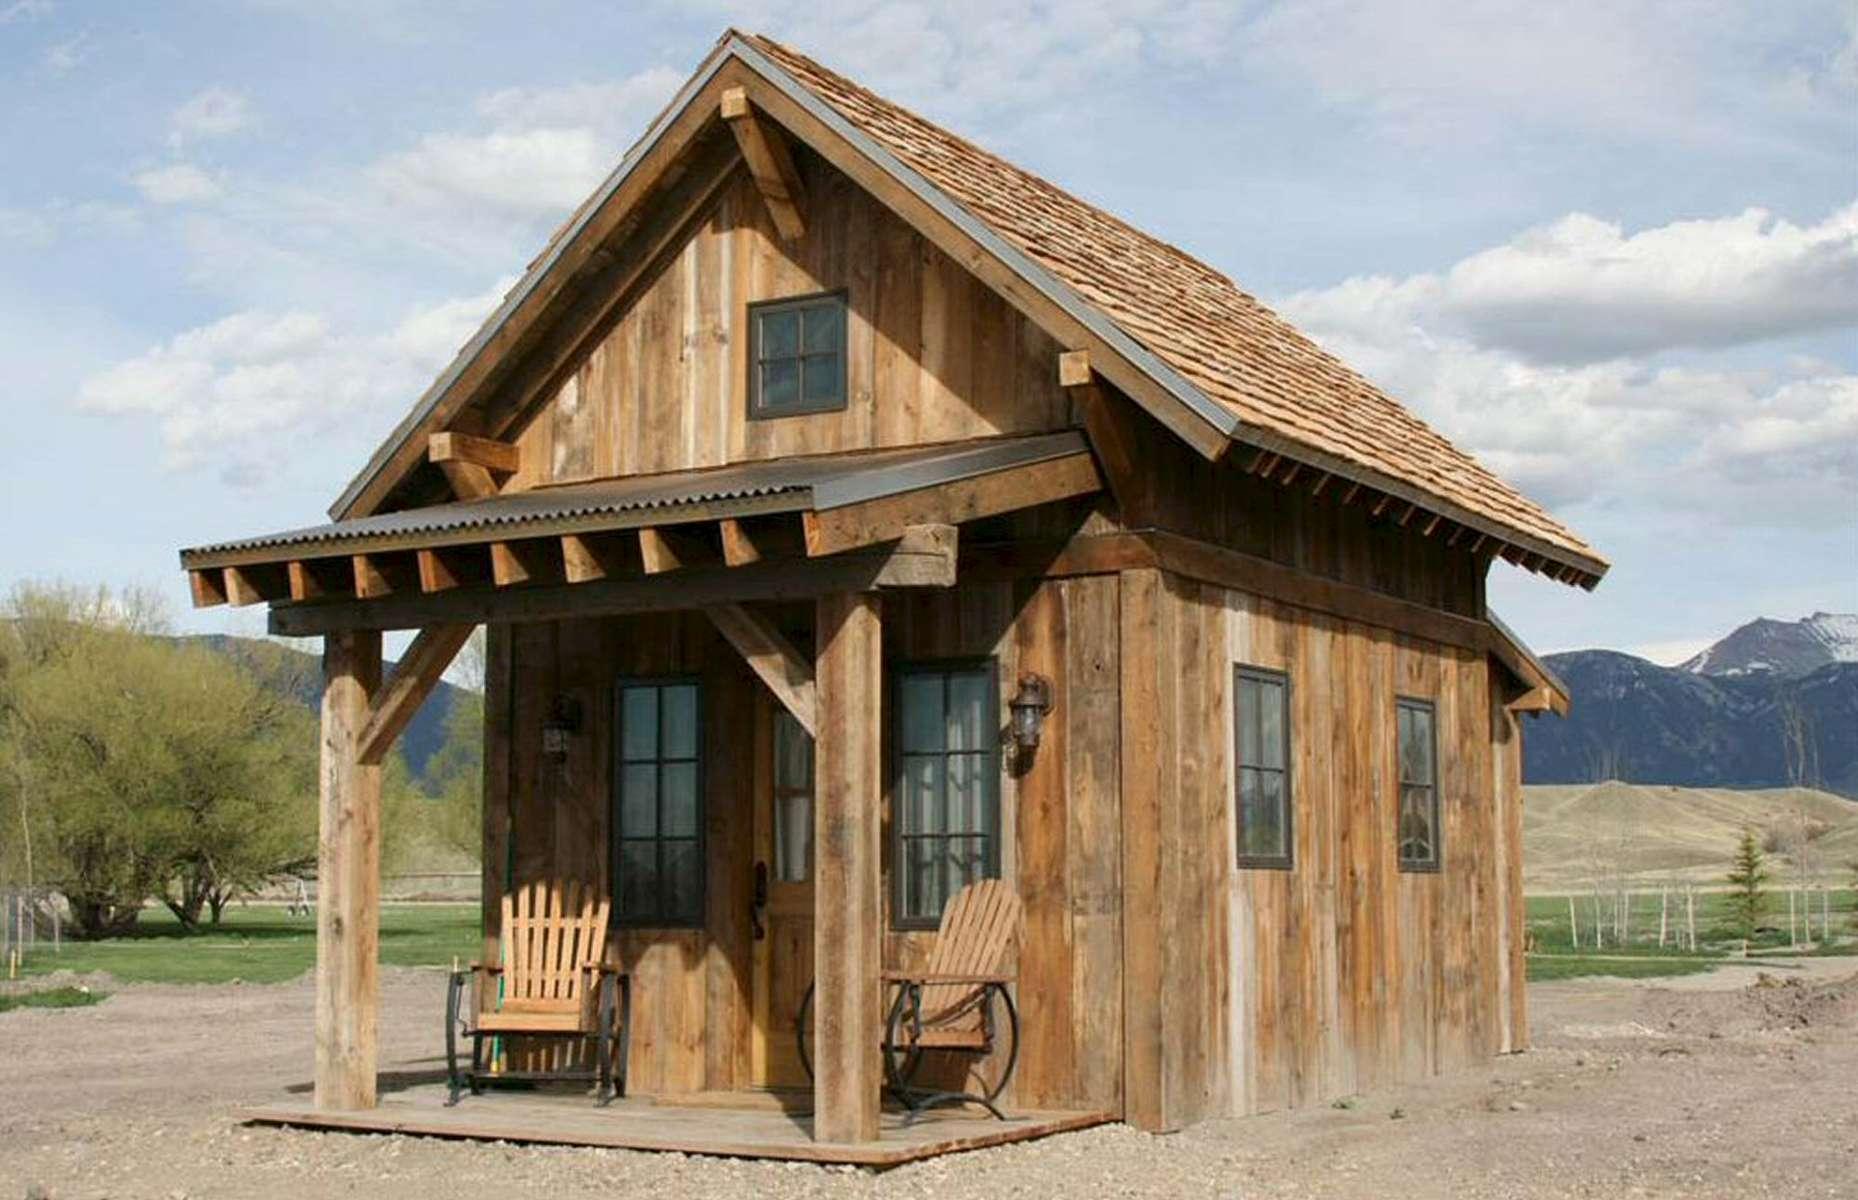 plan-west-design-firm-_-exteriors-153